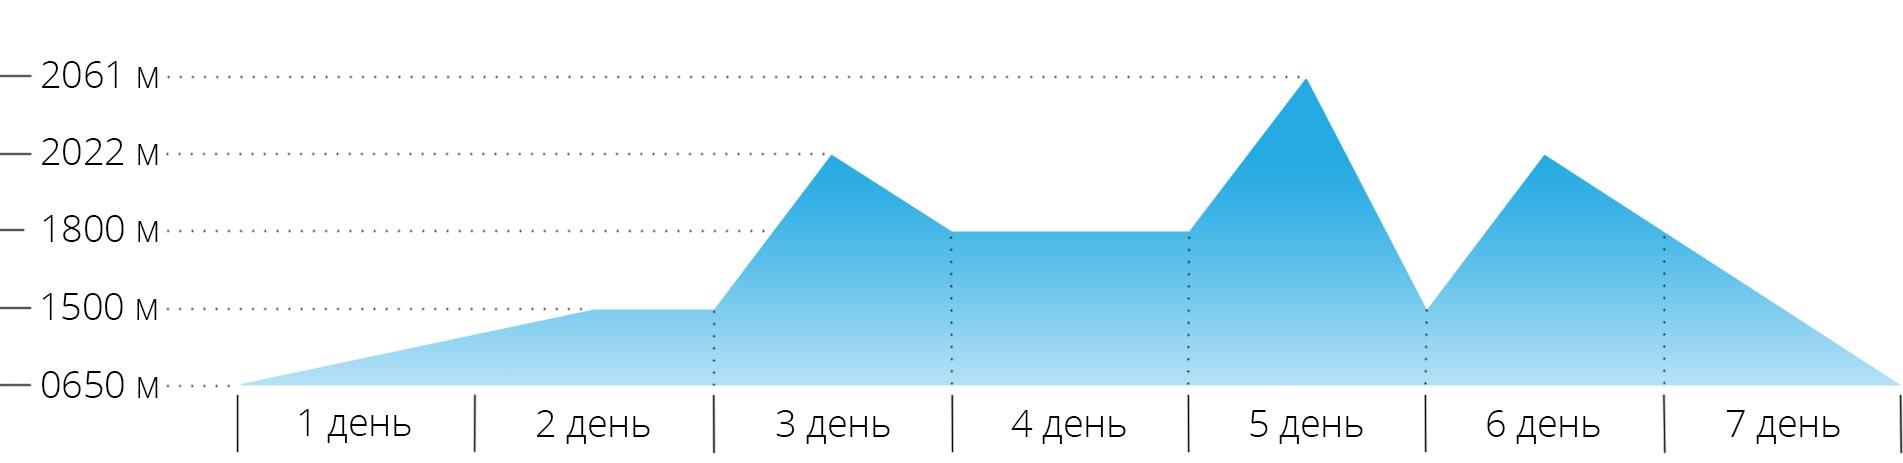 График с высотами для траверса Черногорского хребта в Карпатах